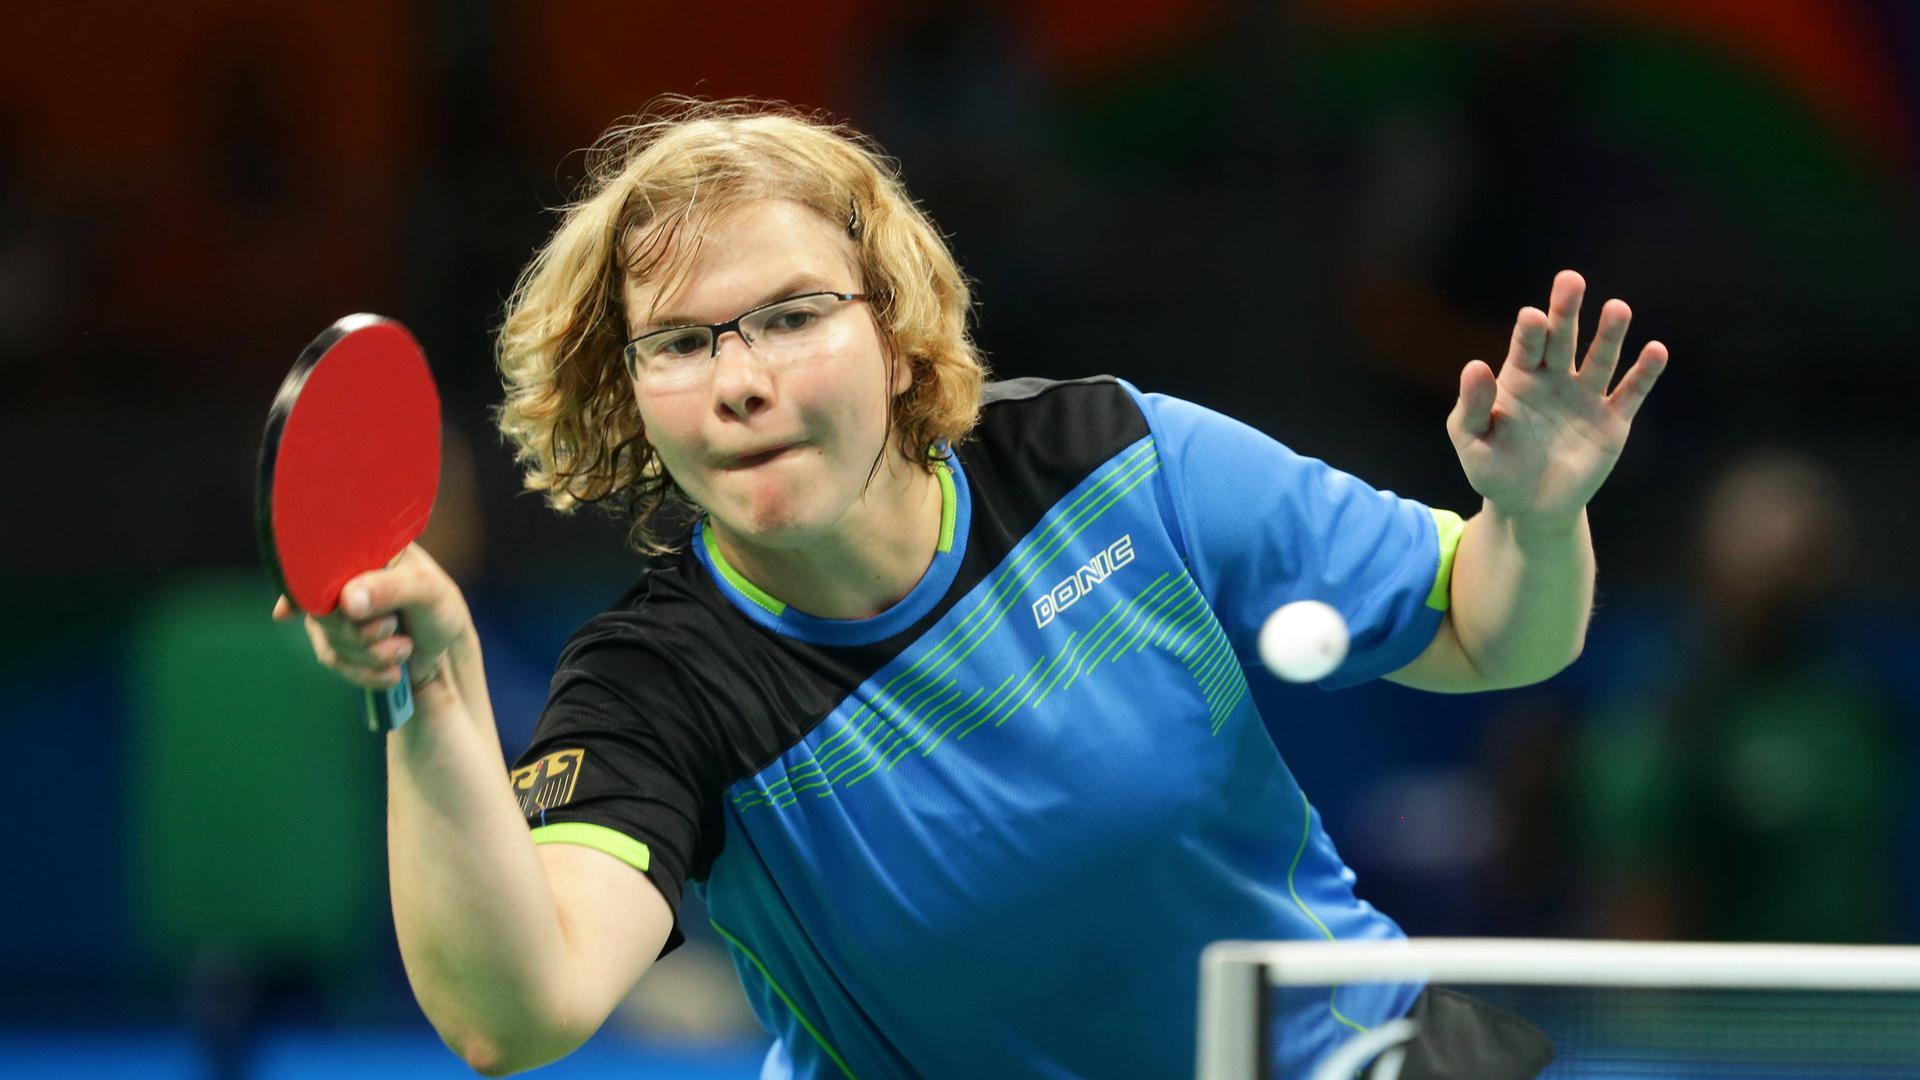 Rio de Janeiro , Paralympics , Tischtennis , Juliane Wolf ( GER )  Rio de Janeiro Paralympics Table Tennis Juliane Wolf ger